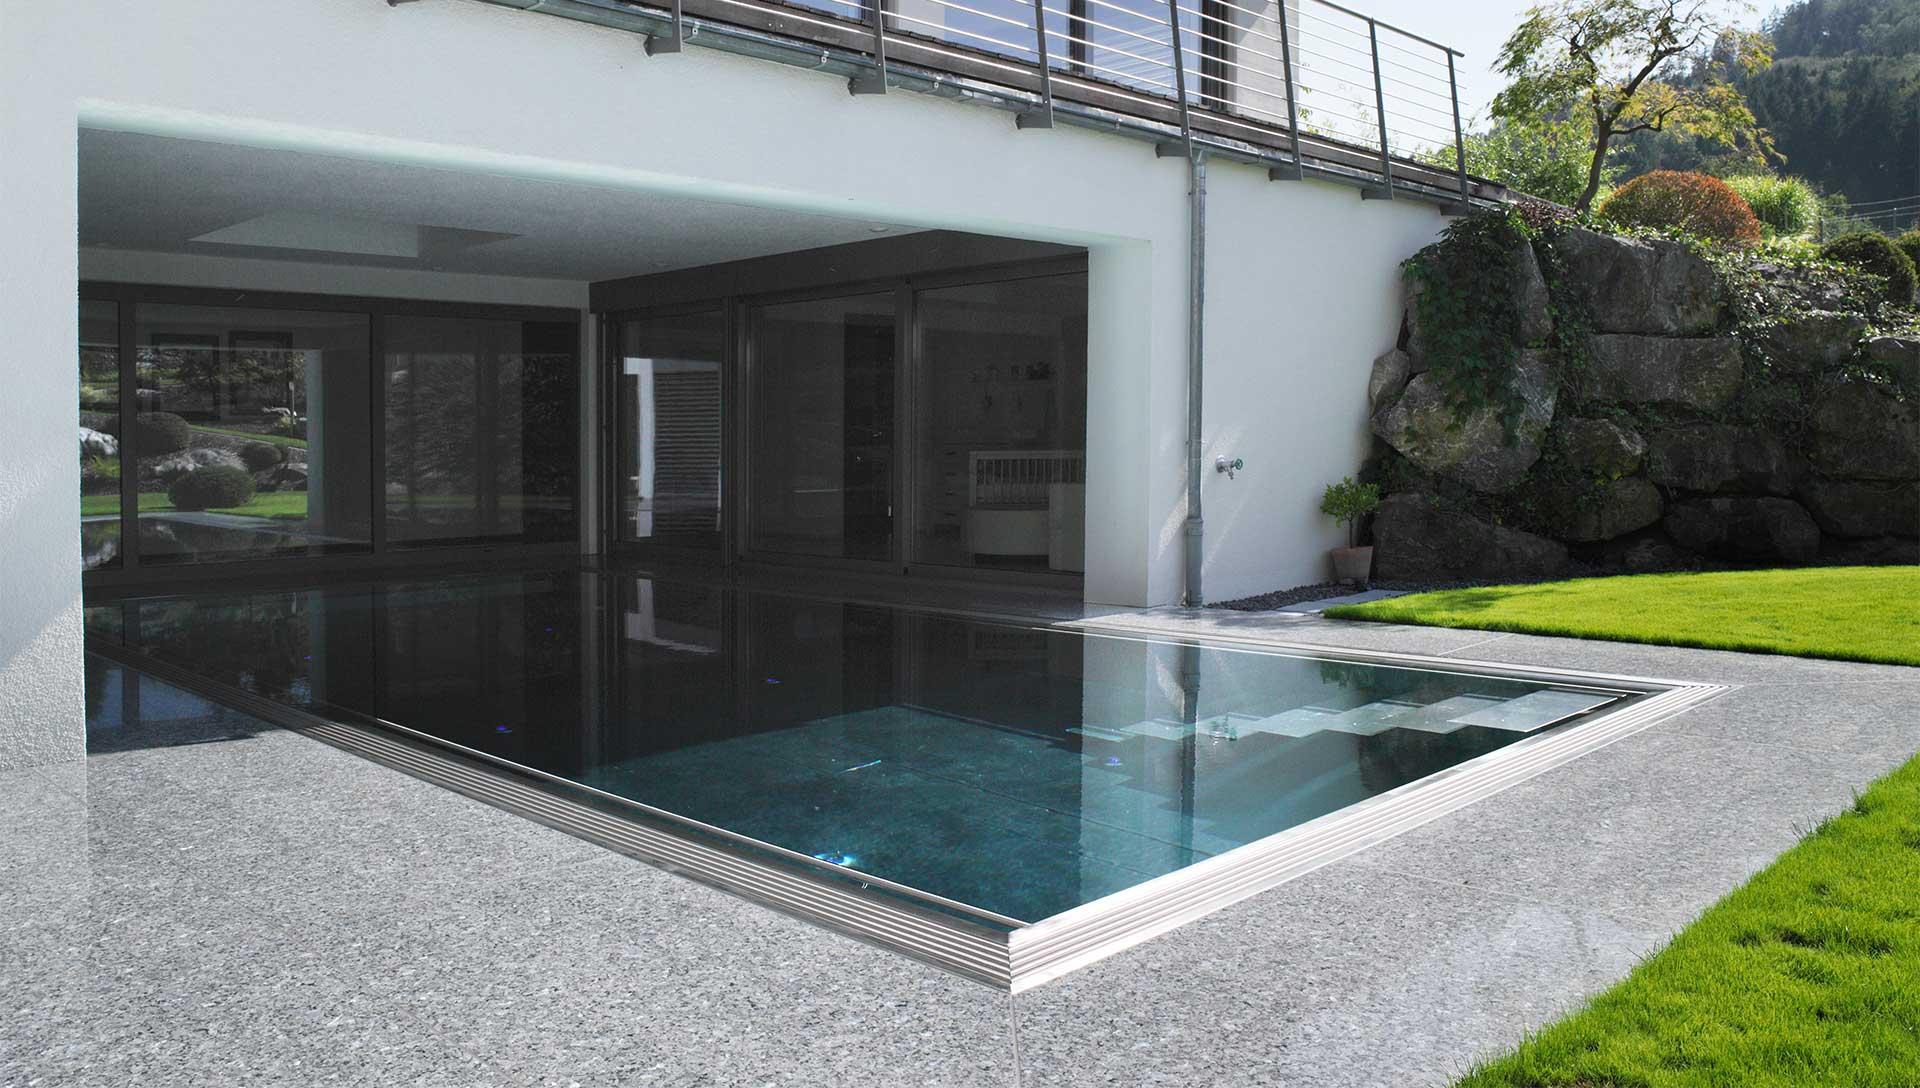 poolsanierung schwimmbadsanierung mit edelstahl samacostyle. Black Bedroom Furniture Sets. Home Design Ideas